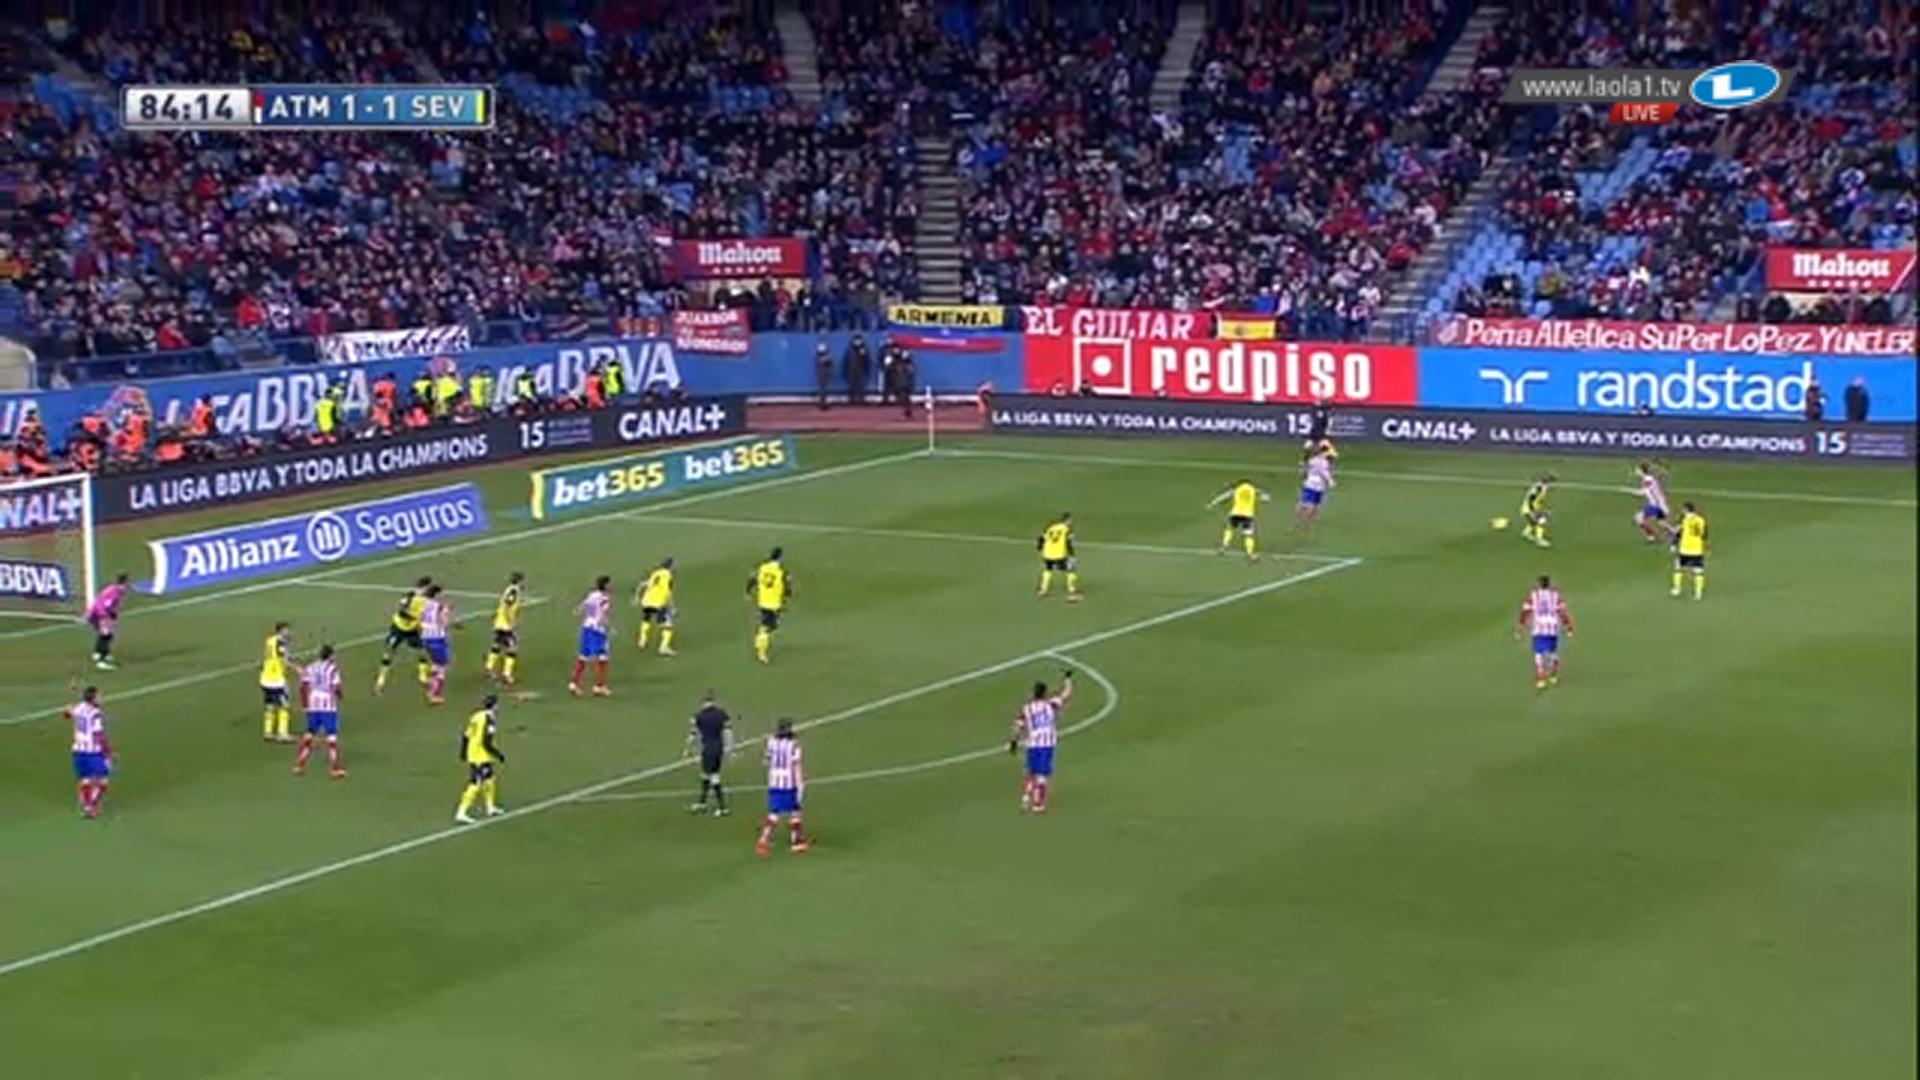 Sevillas Viererketten verschmelzen zu einer stark eingerückten situativen Achterkette und auch die beiden Stürmer stehen im eigenen Drittel. Da jedoch nur einer der Stürmer im Zentrum verbleibt, stehen gleich drei Spieler Atléticos im Rückraum für die Verwertung von Abprallern bereit.